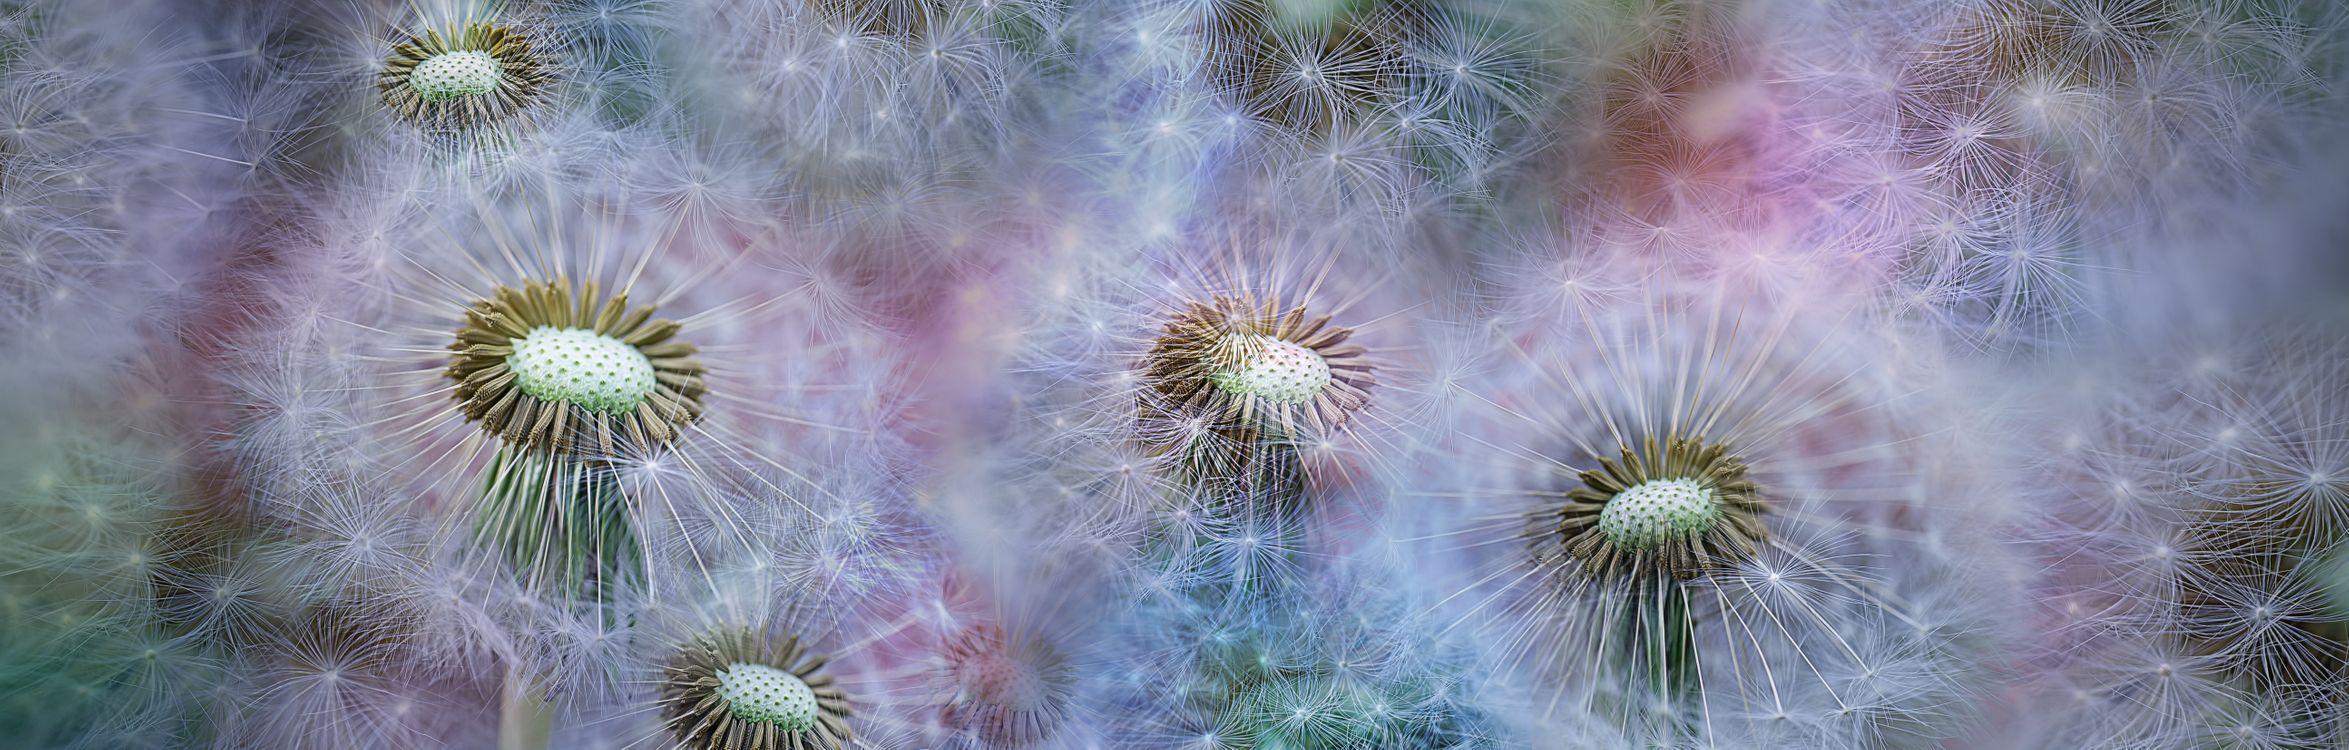 Фото бесплатно панорама, цветочная композиция, макро - на рабочий стол